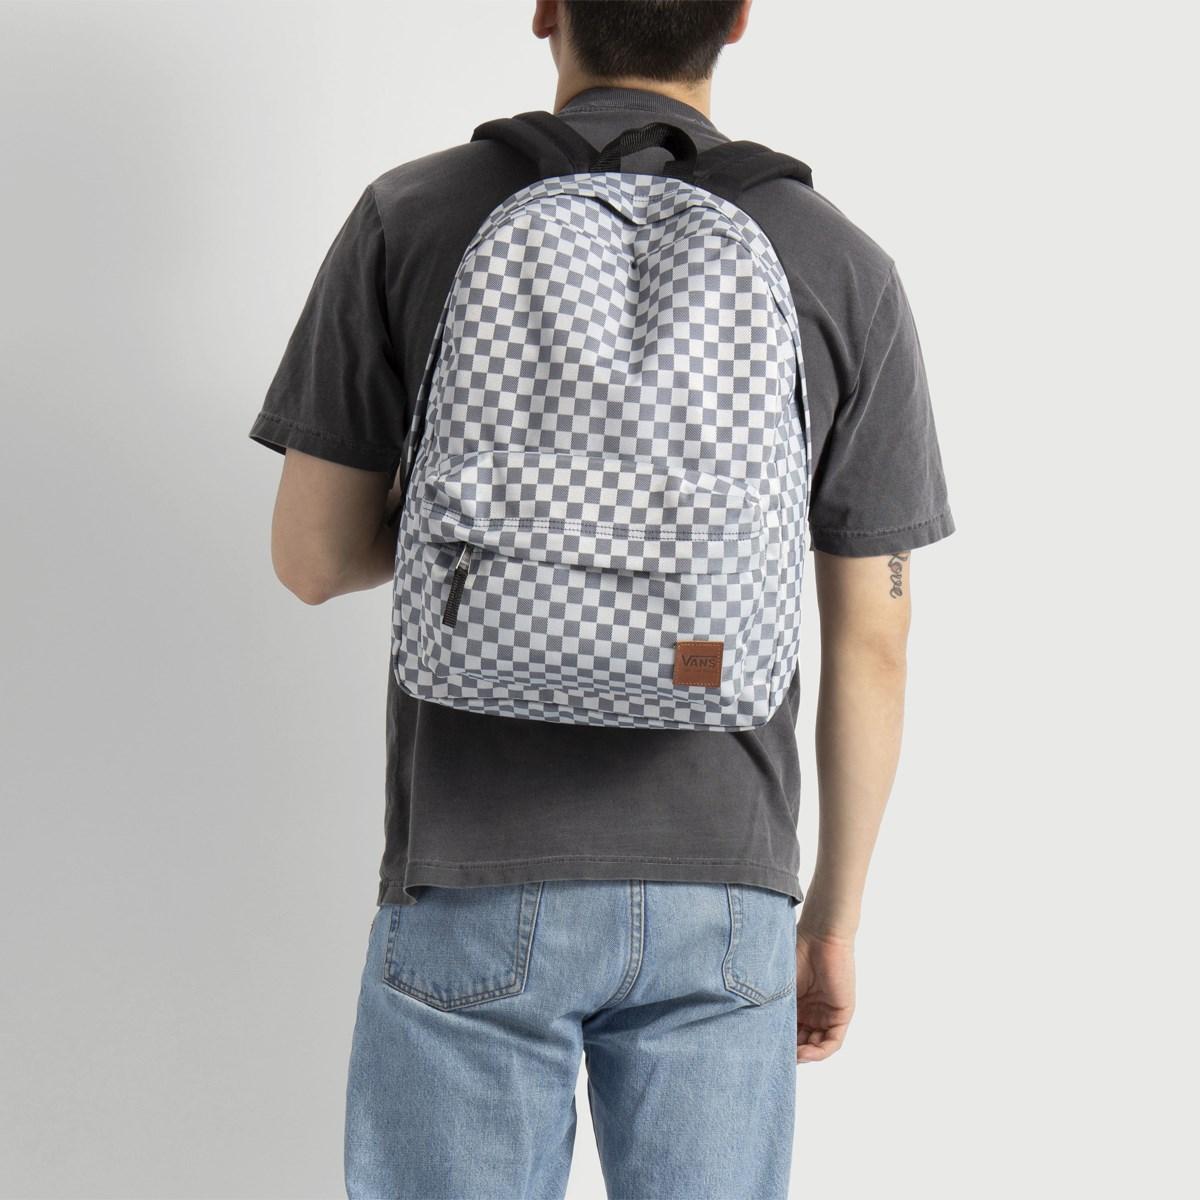 Deanna III Indigo Backpack